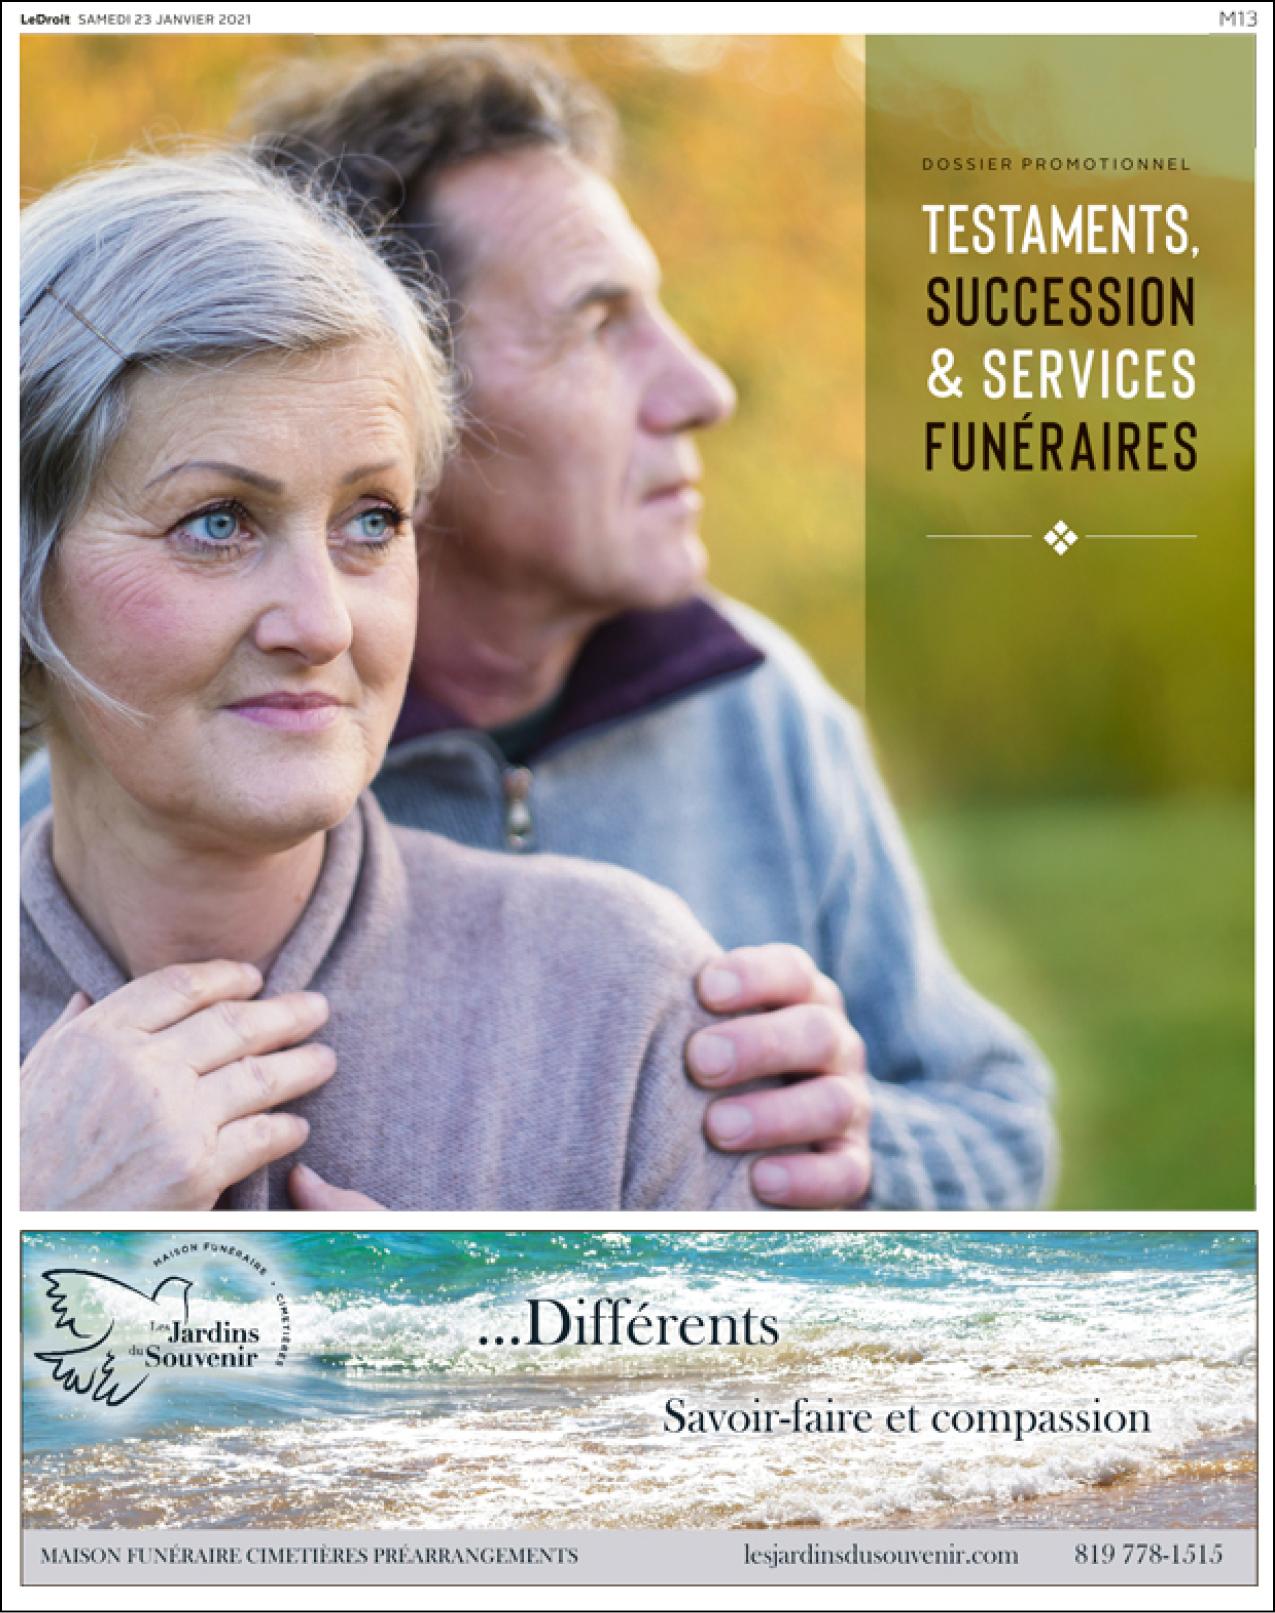 Cover Testaments succession & servivces sunéraires